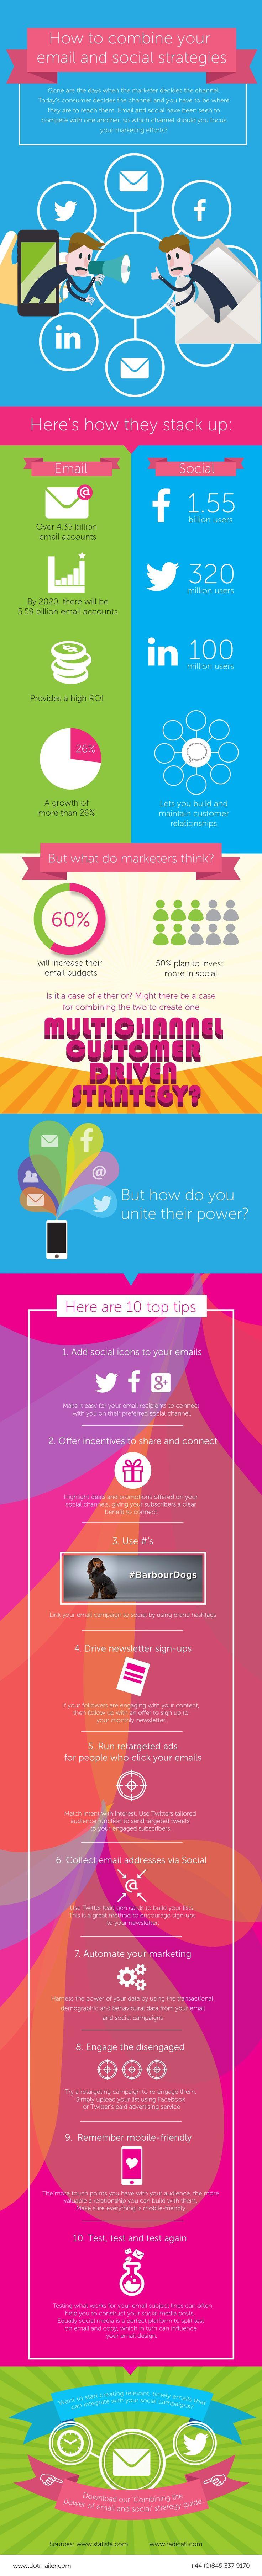 Aprende a combinar tus estrategias de email marketing y social media en sólo 10 pasos #EmailMarketing #SocialMedia #SocialMediaMarketing #marketing